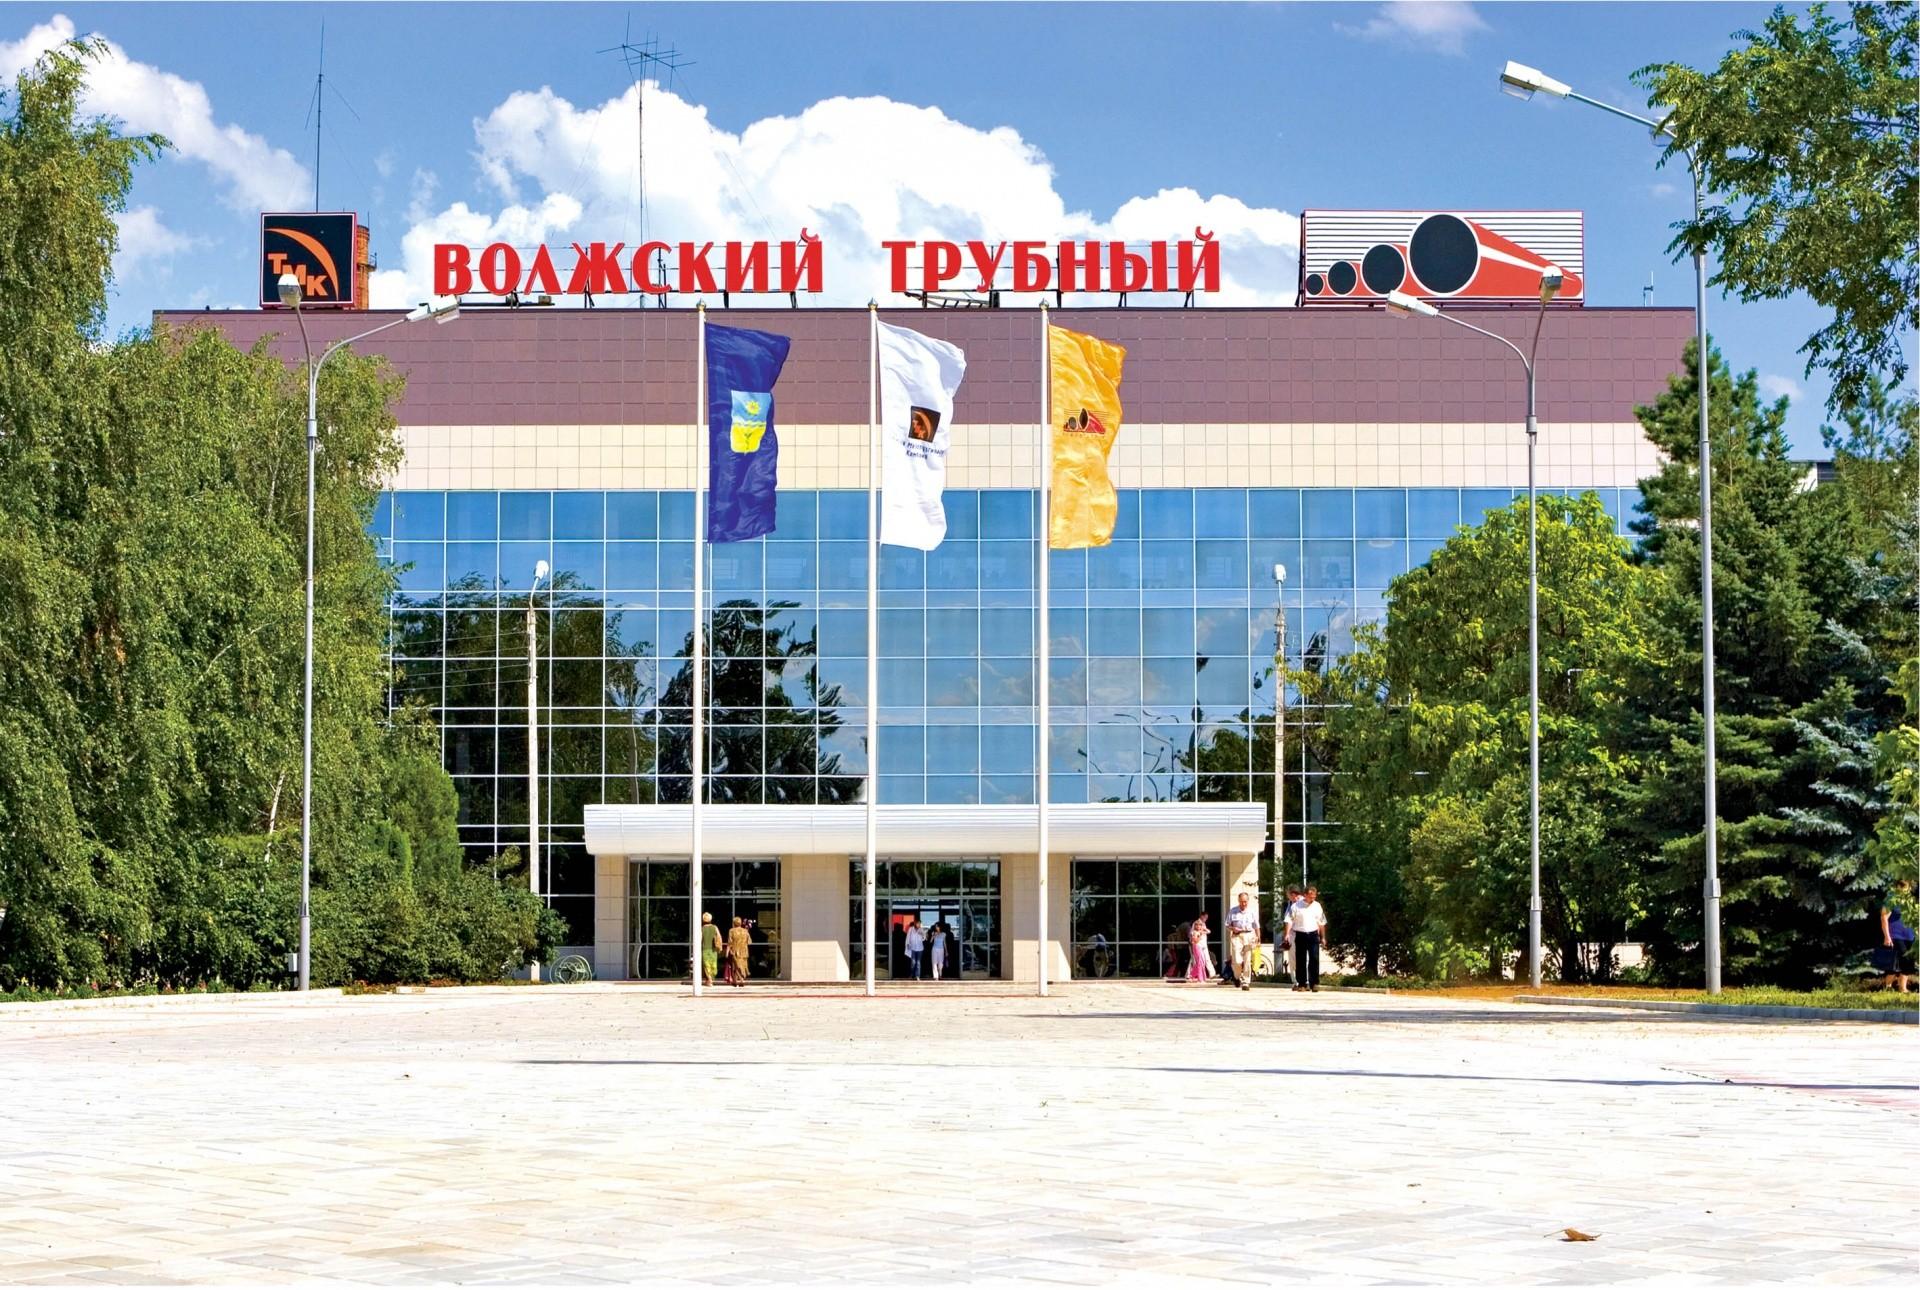 Поставка АБХМ Волжский трубный завод